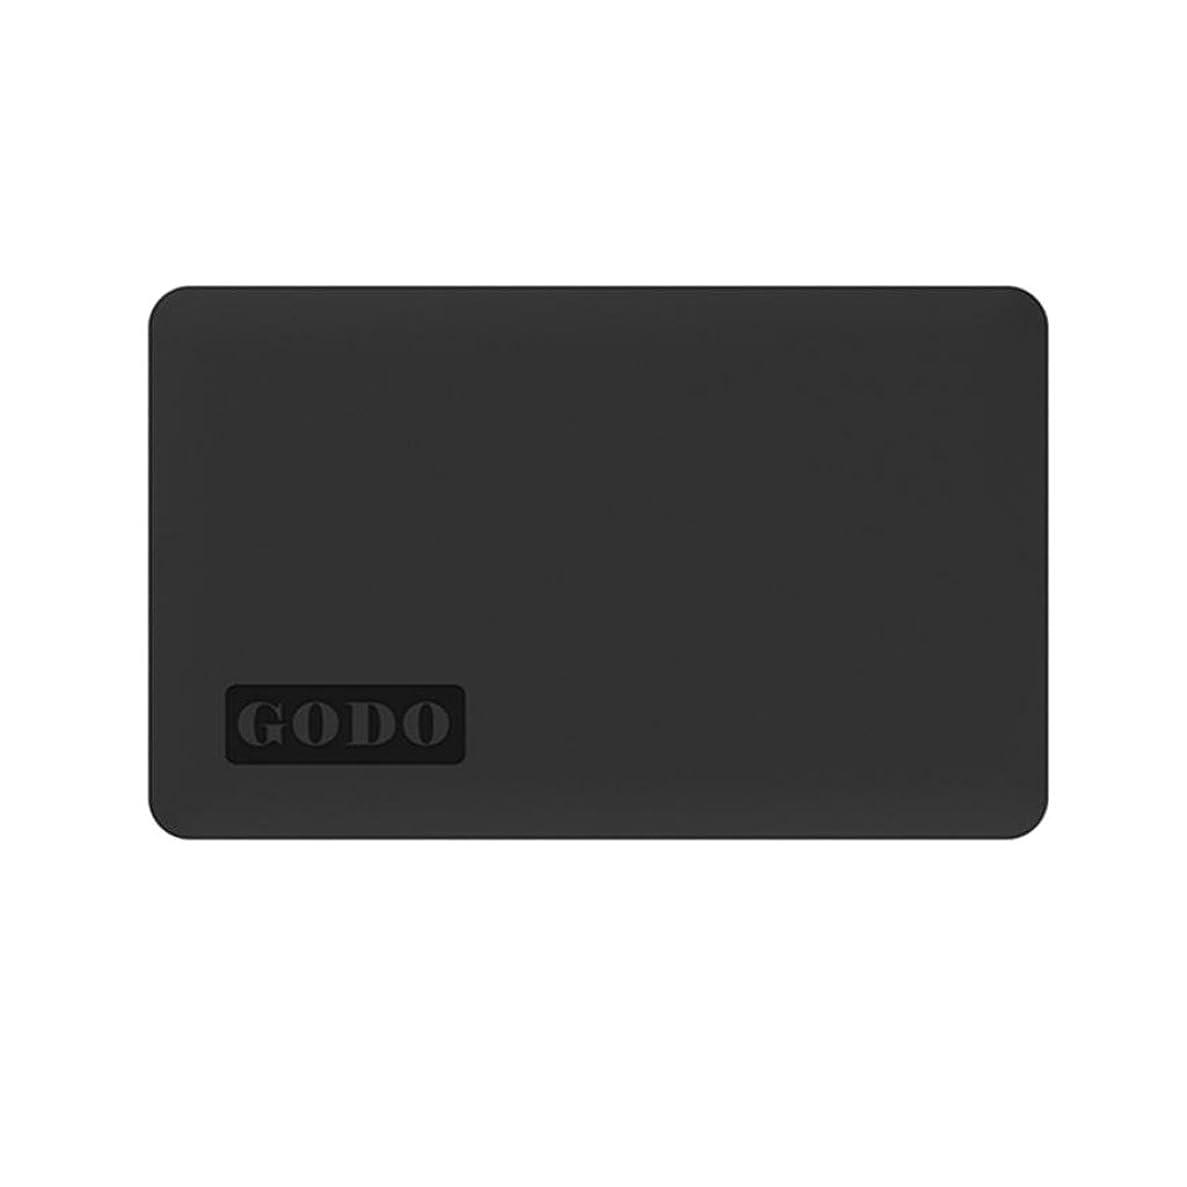 情熱社会援助するデスクトップ用高速USB 3.1タイプC 2.5インチSATA SSD外付けハードドライブHDDエンクロージャーケース